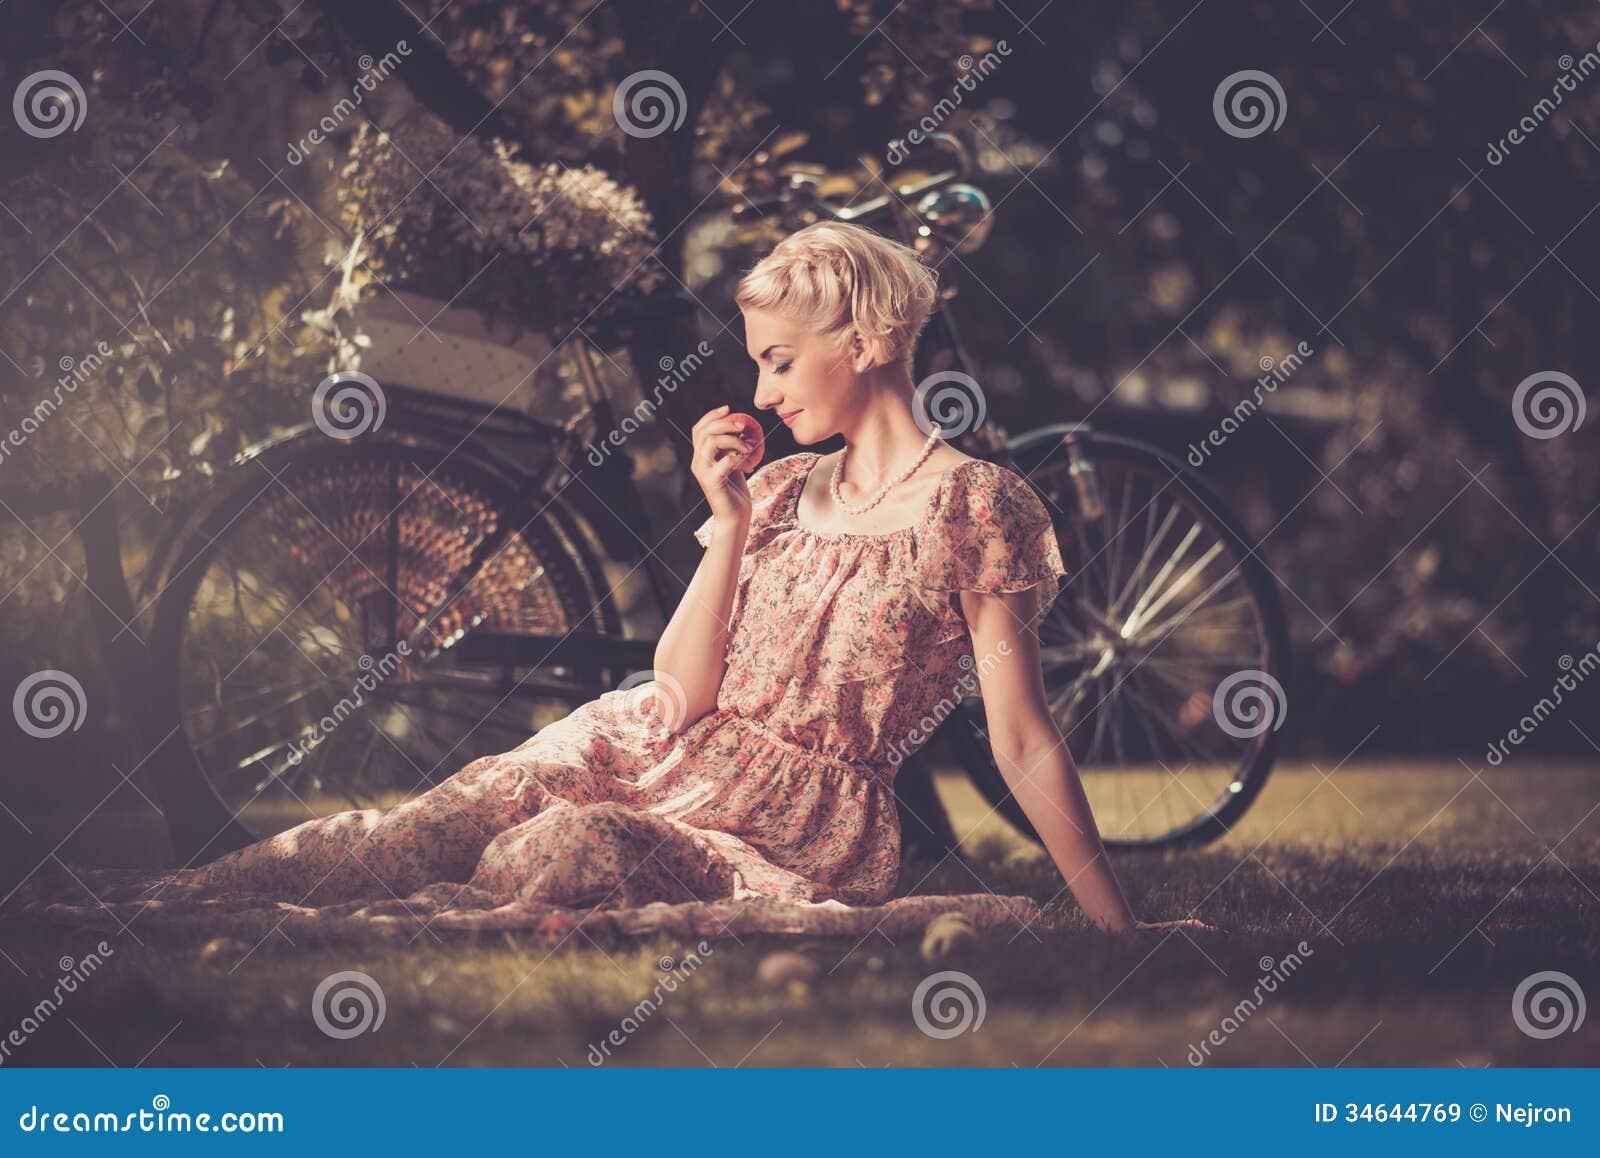 Ретро женщины блондинки 4 фотография